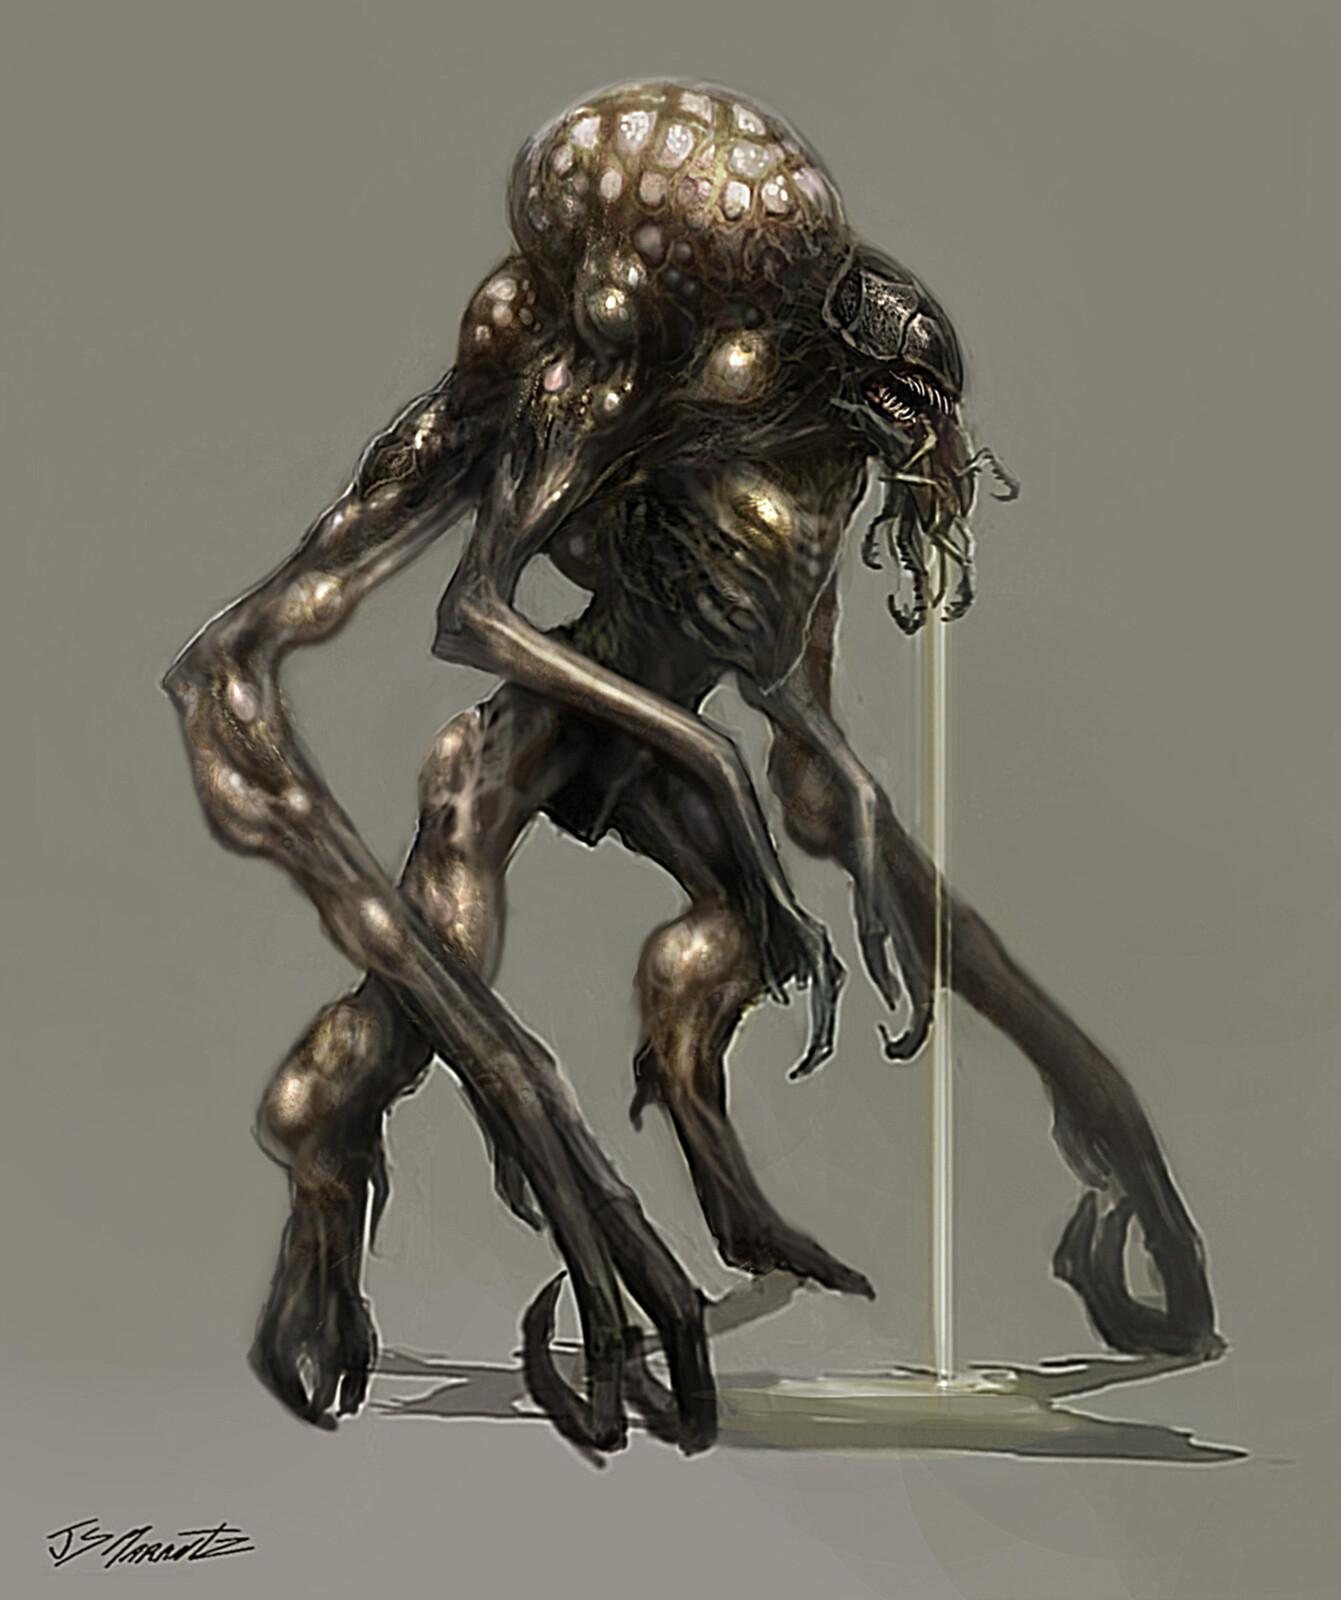 Titanfall Concept Art / Creature Design